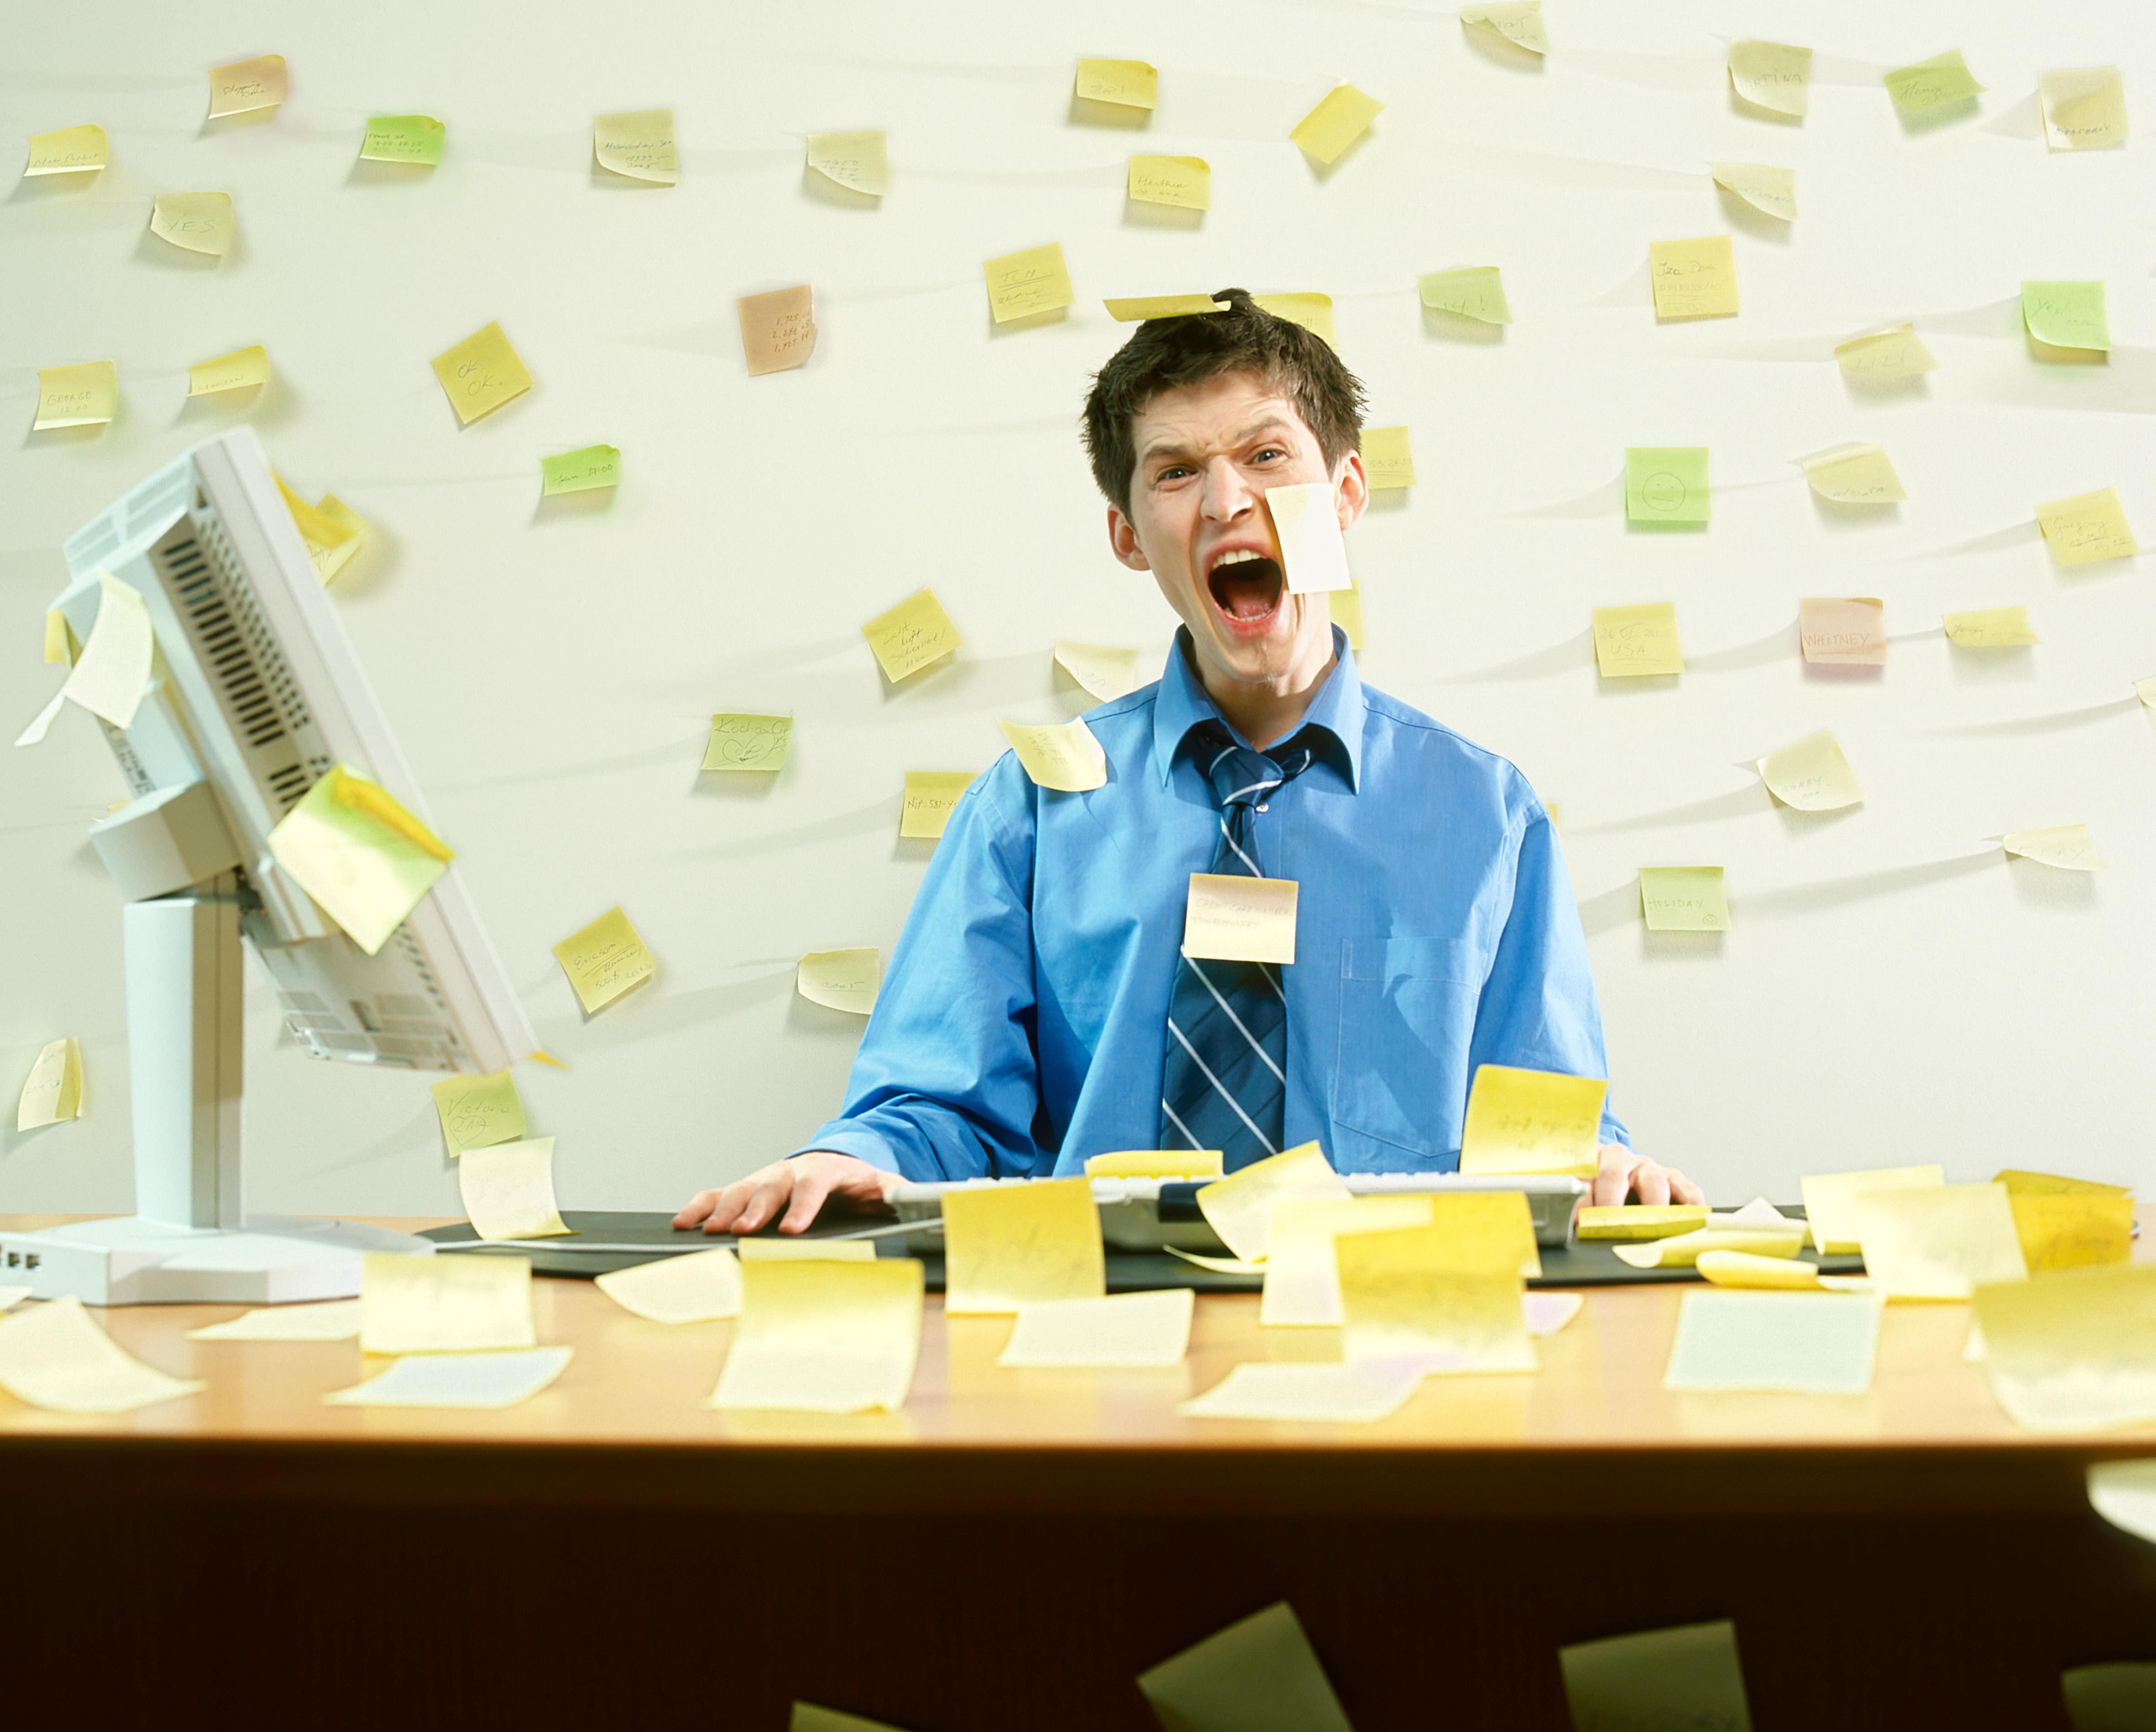 5 buenas razones para reducir la jornada laboral a 4 días semanales